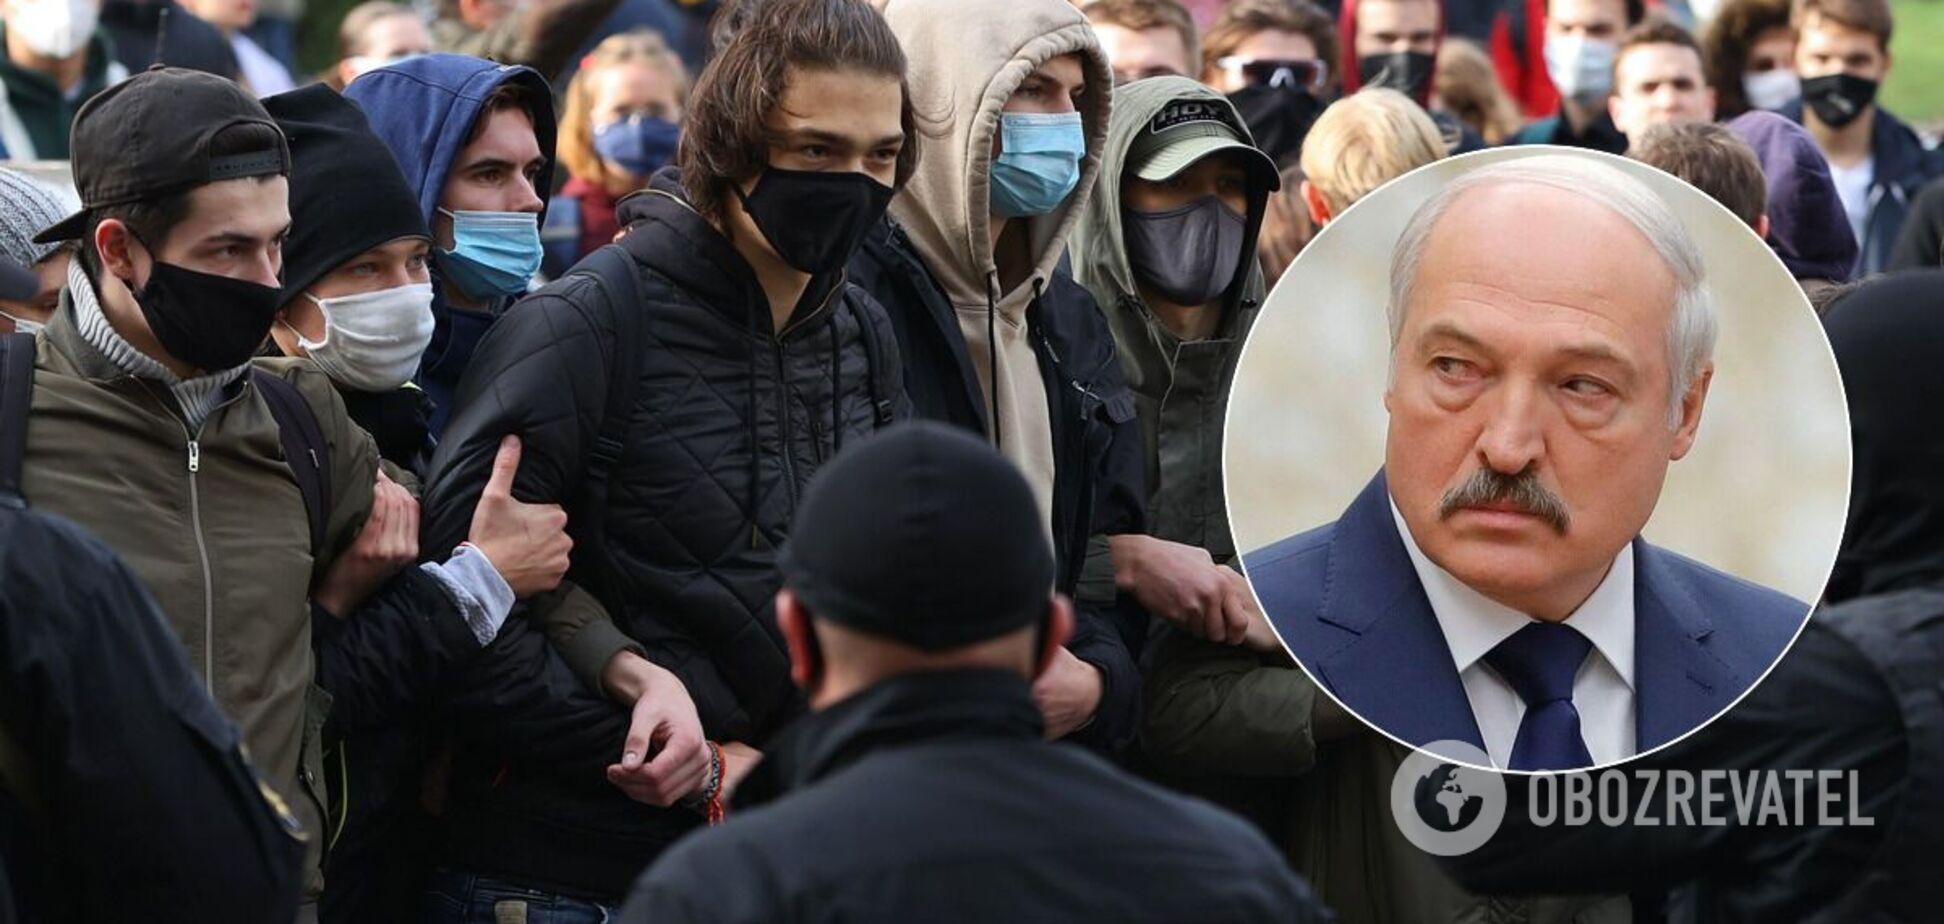 Лукашенко сделал своей вертикалью 'эскадроны смерти, страха и лжи', – оппозиционер